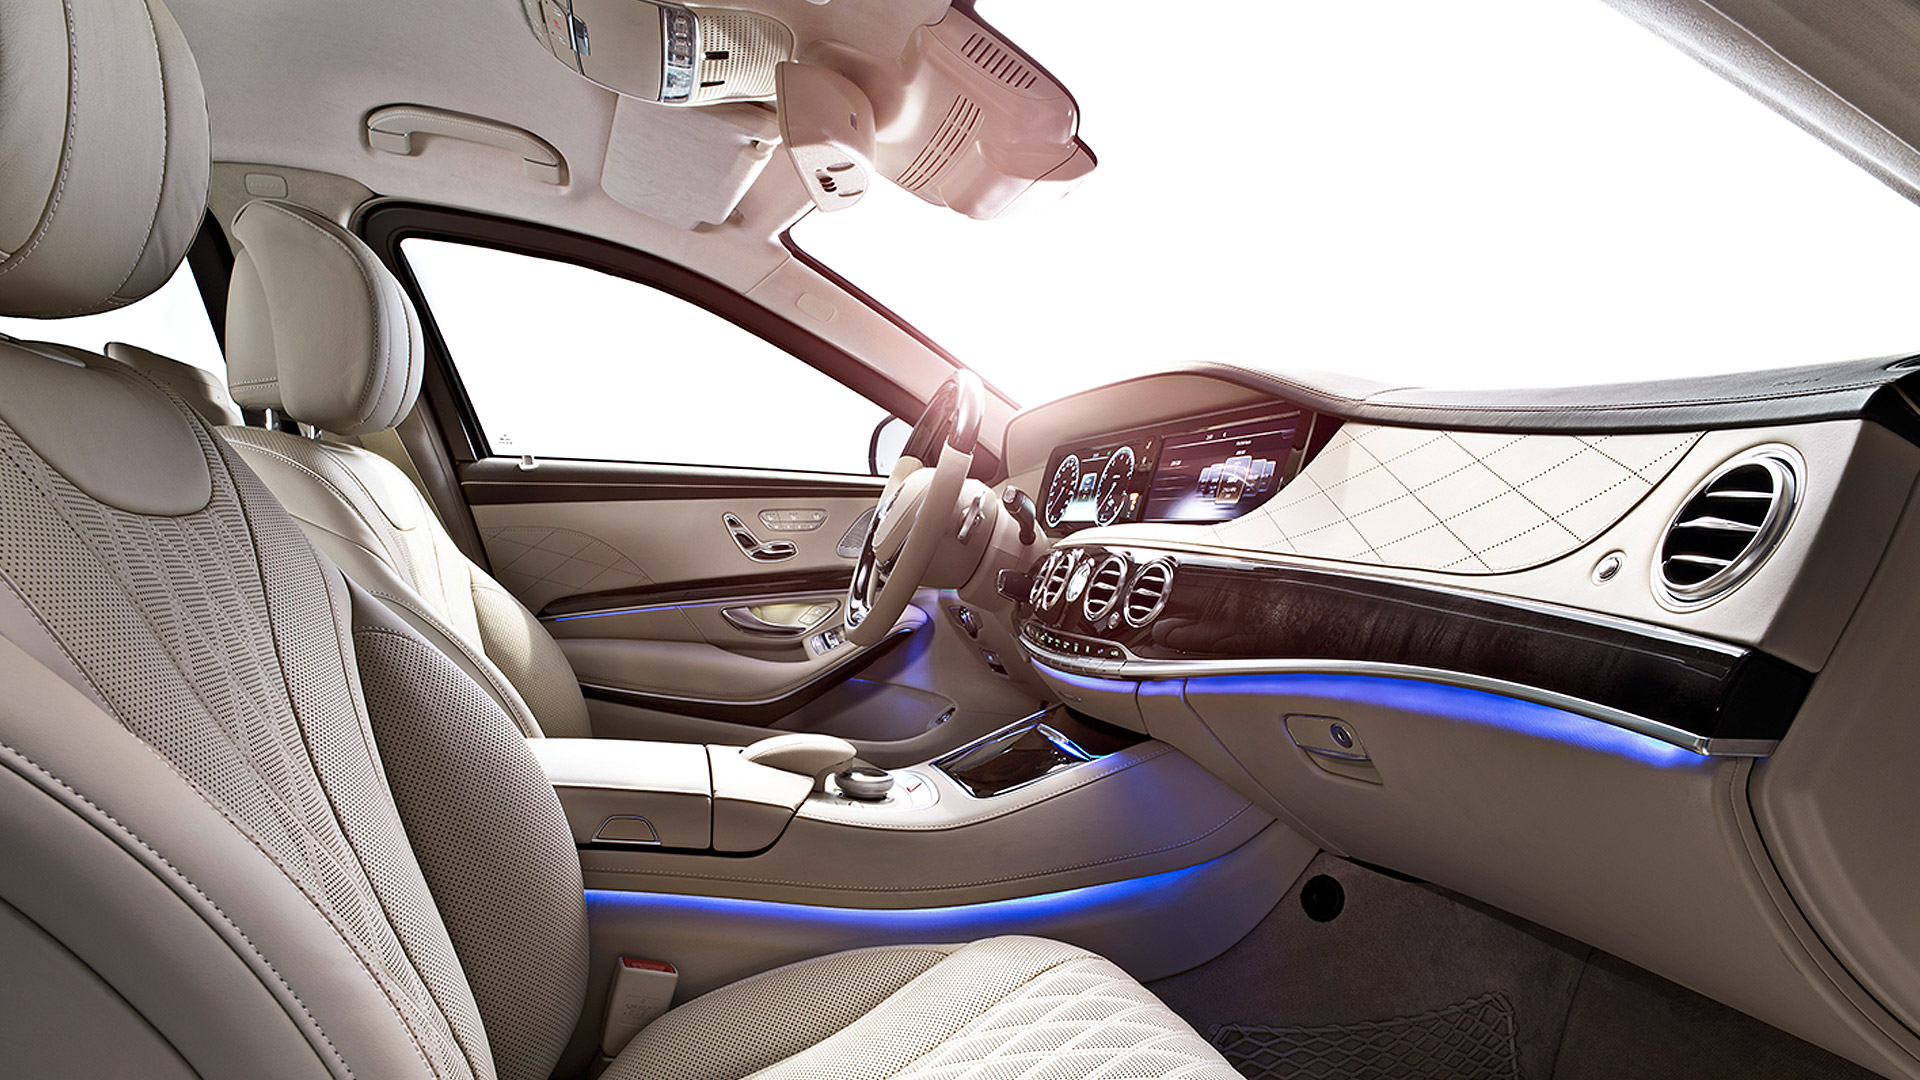 Mercedes Benz S600 guard 2015 STD Exterior